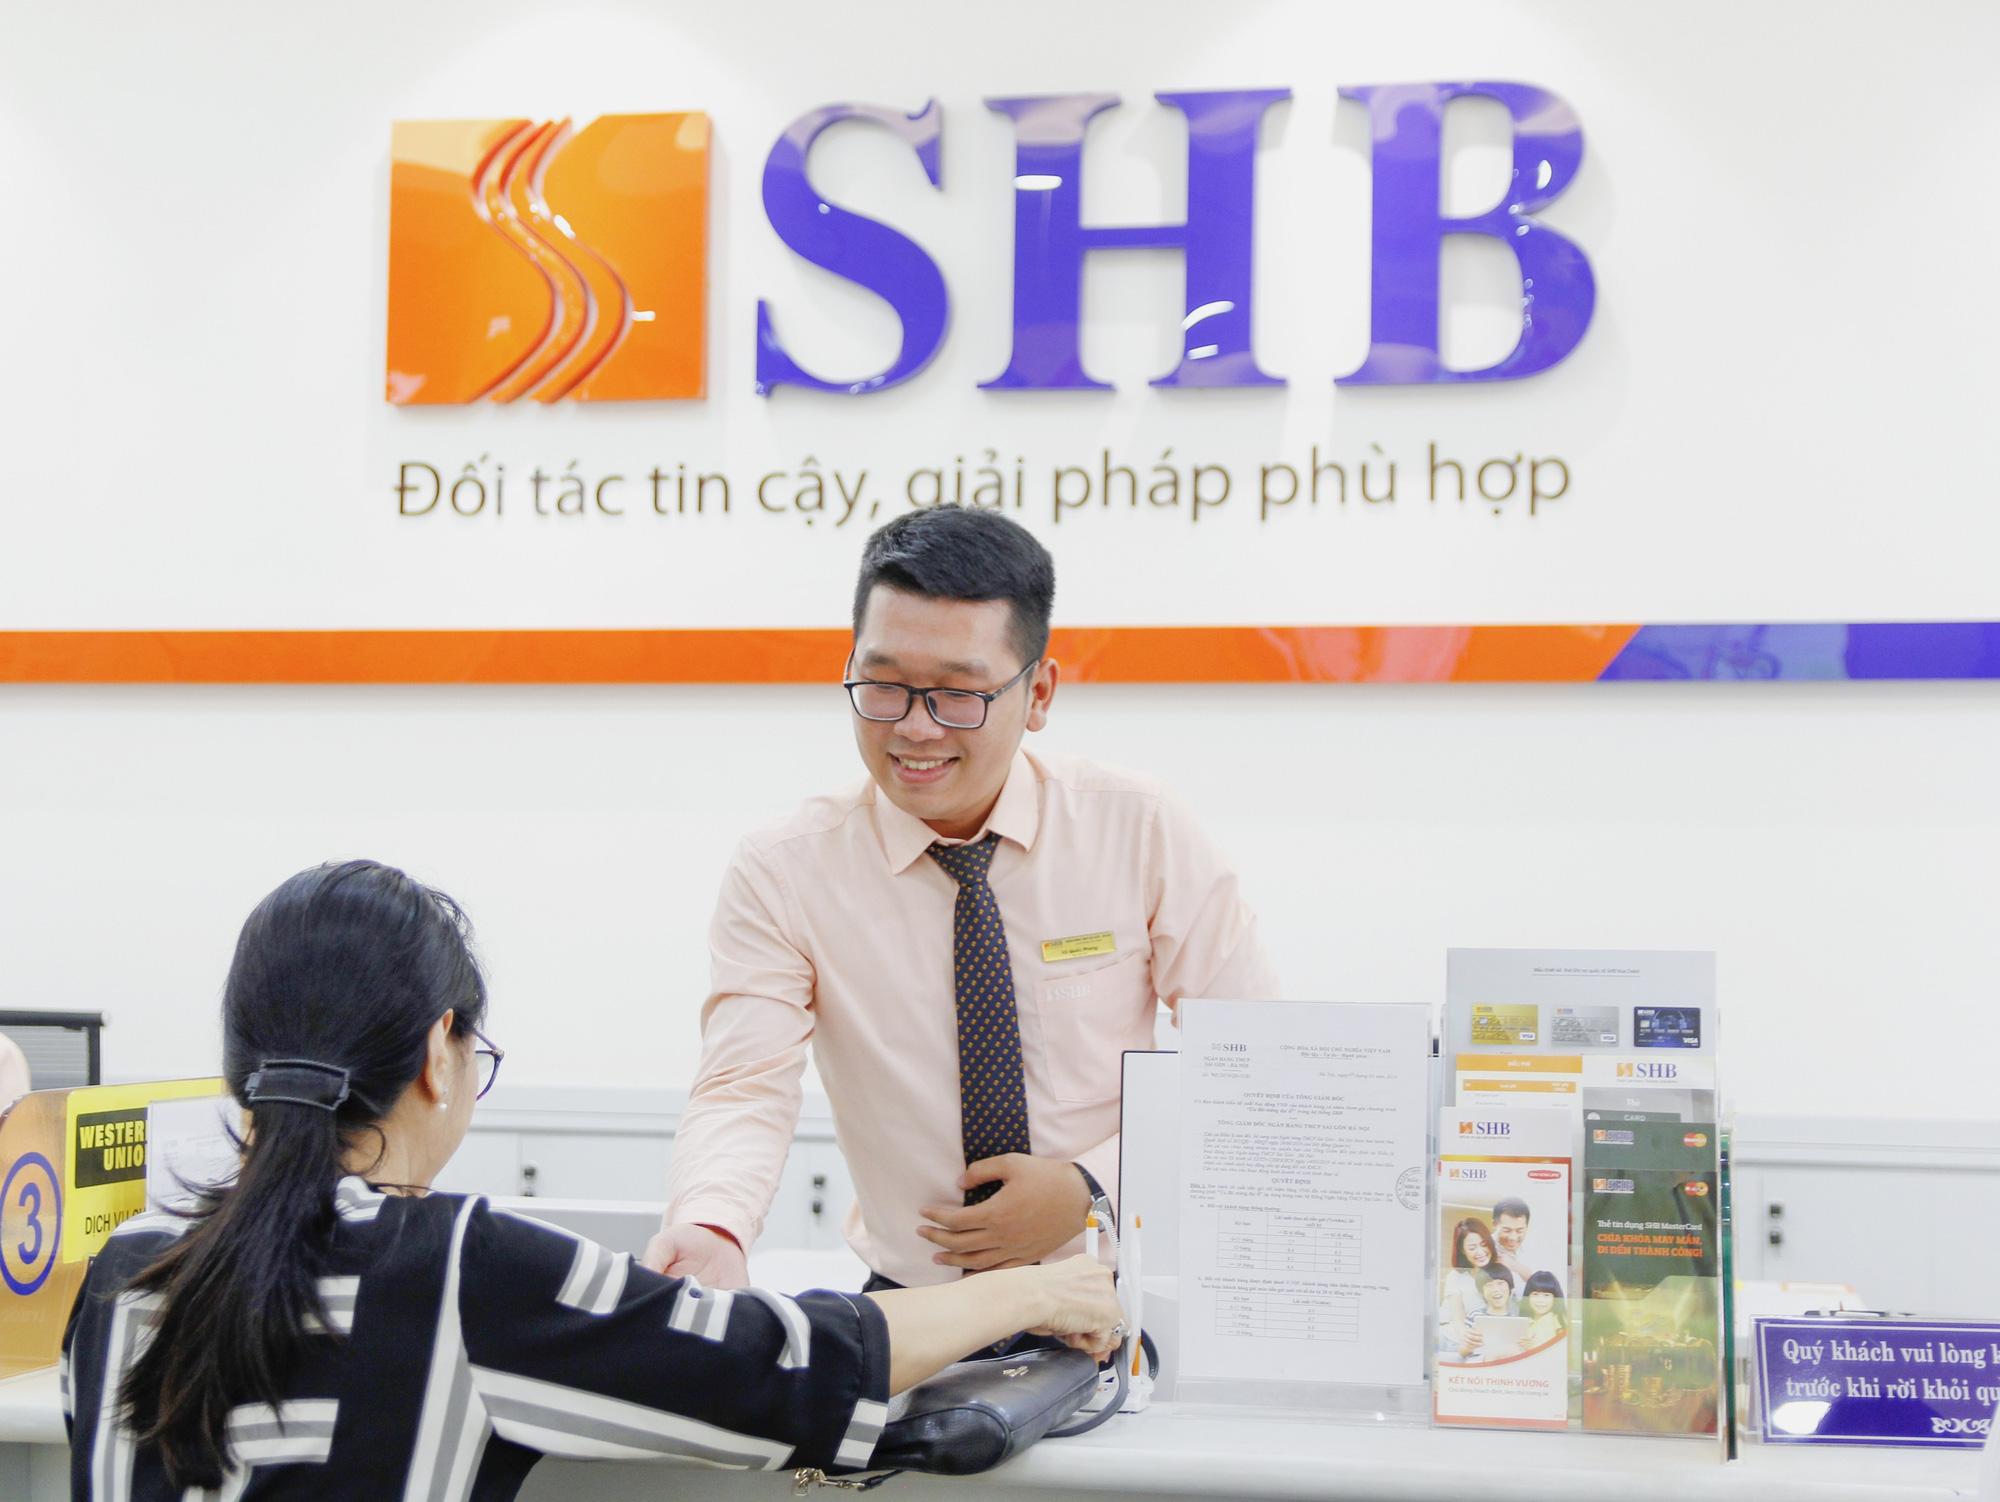 The Asian Banking and Finance vinh danh SHB 4 giải thưởng quốc tế danh giá - Ảnh 2.